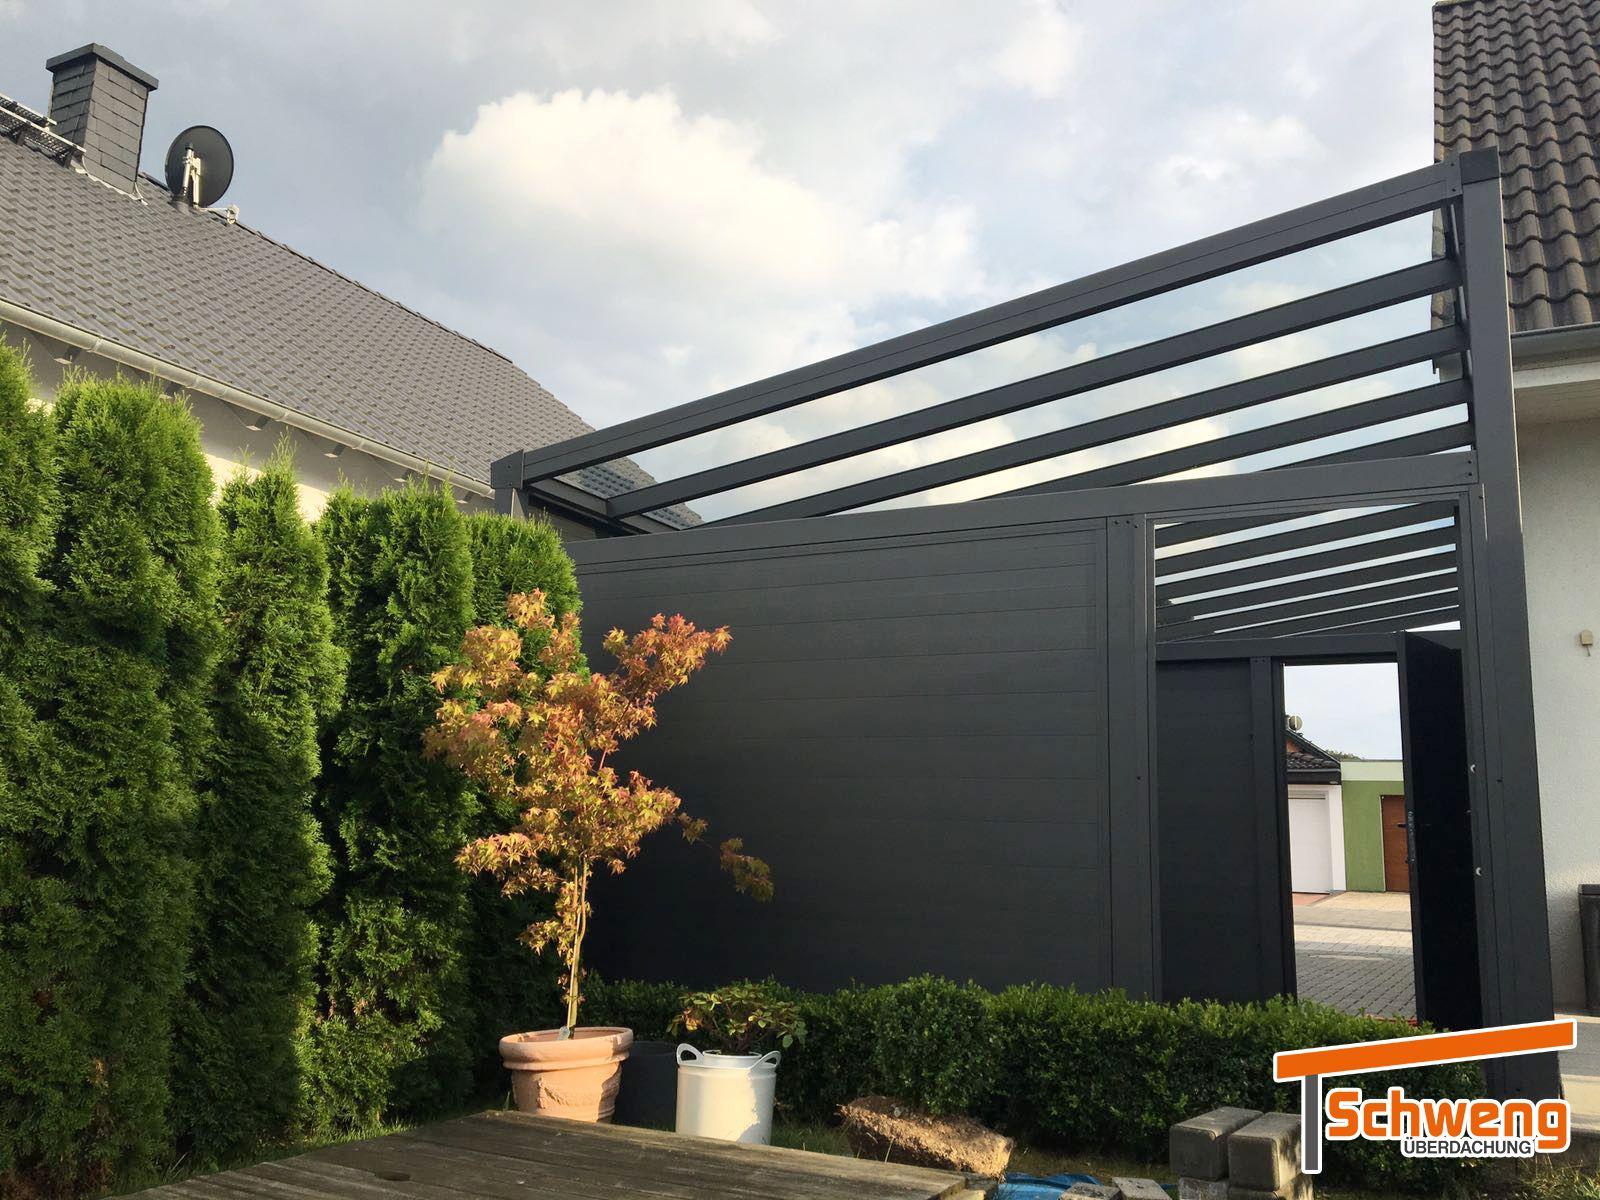 Terrassenberdachungen Carports Markisen Glassparadiese Kaltwintergrten Schweng